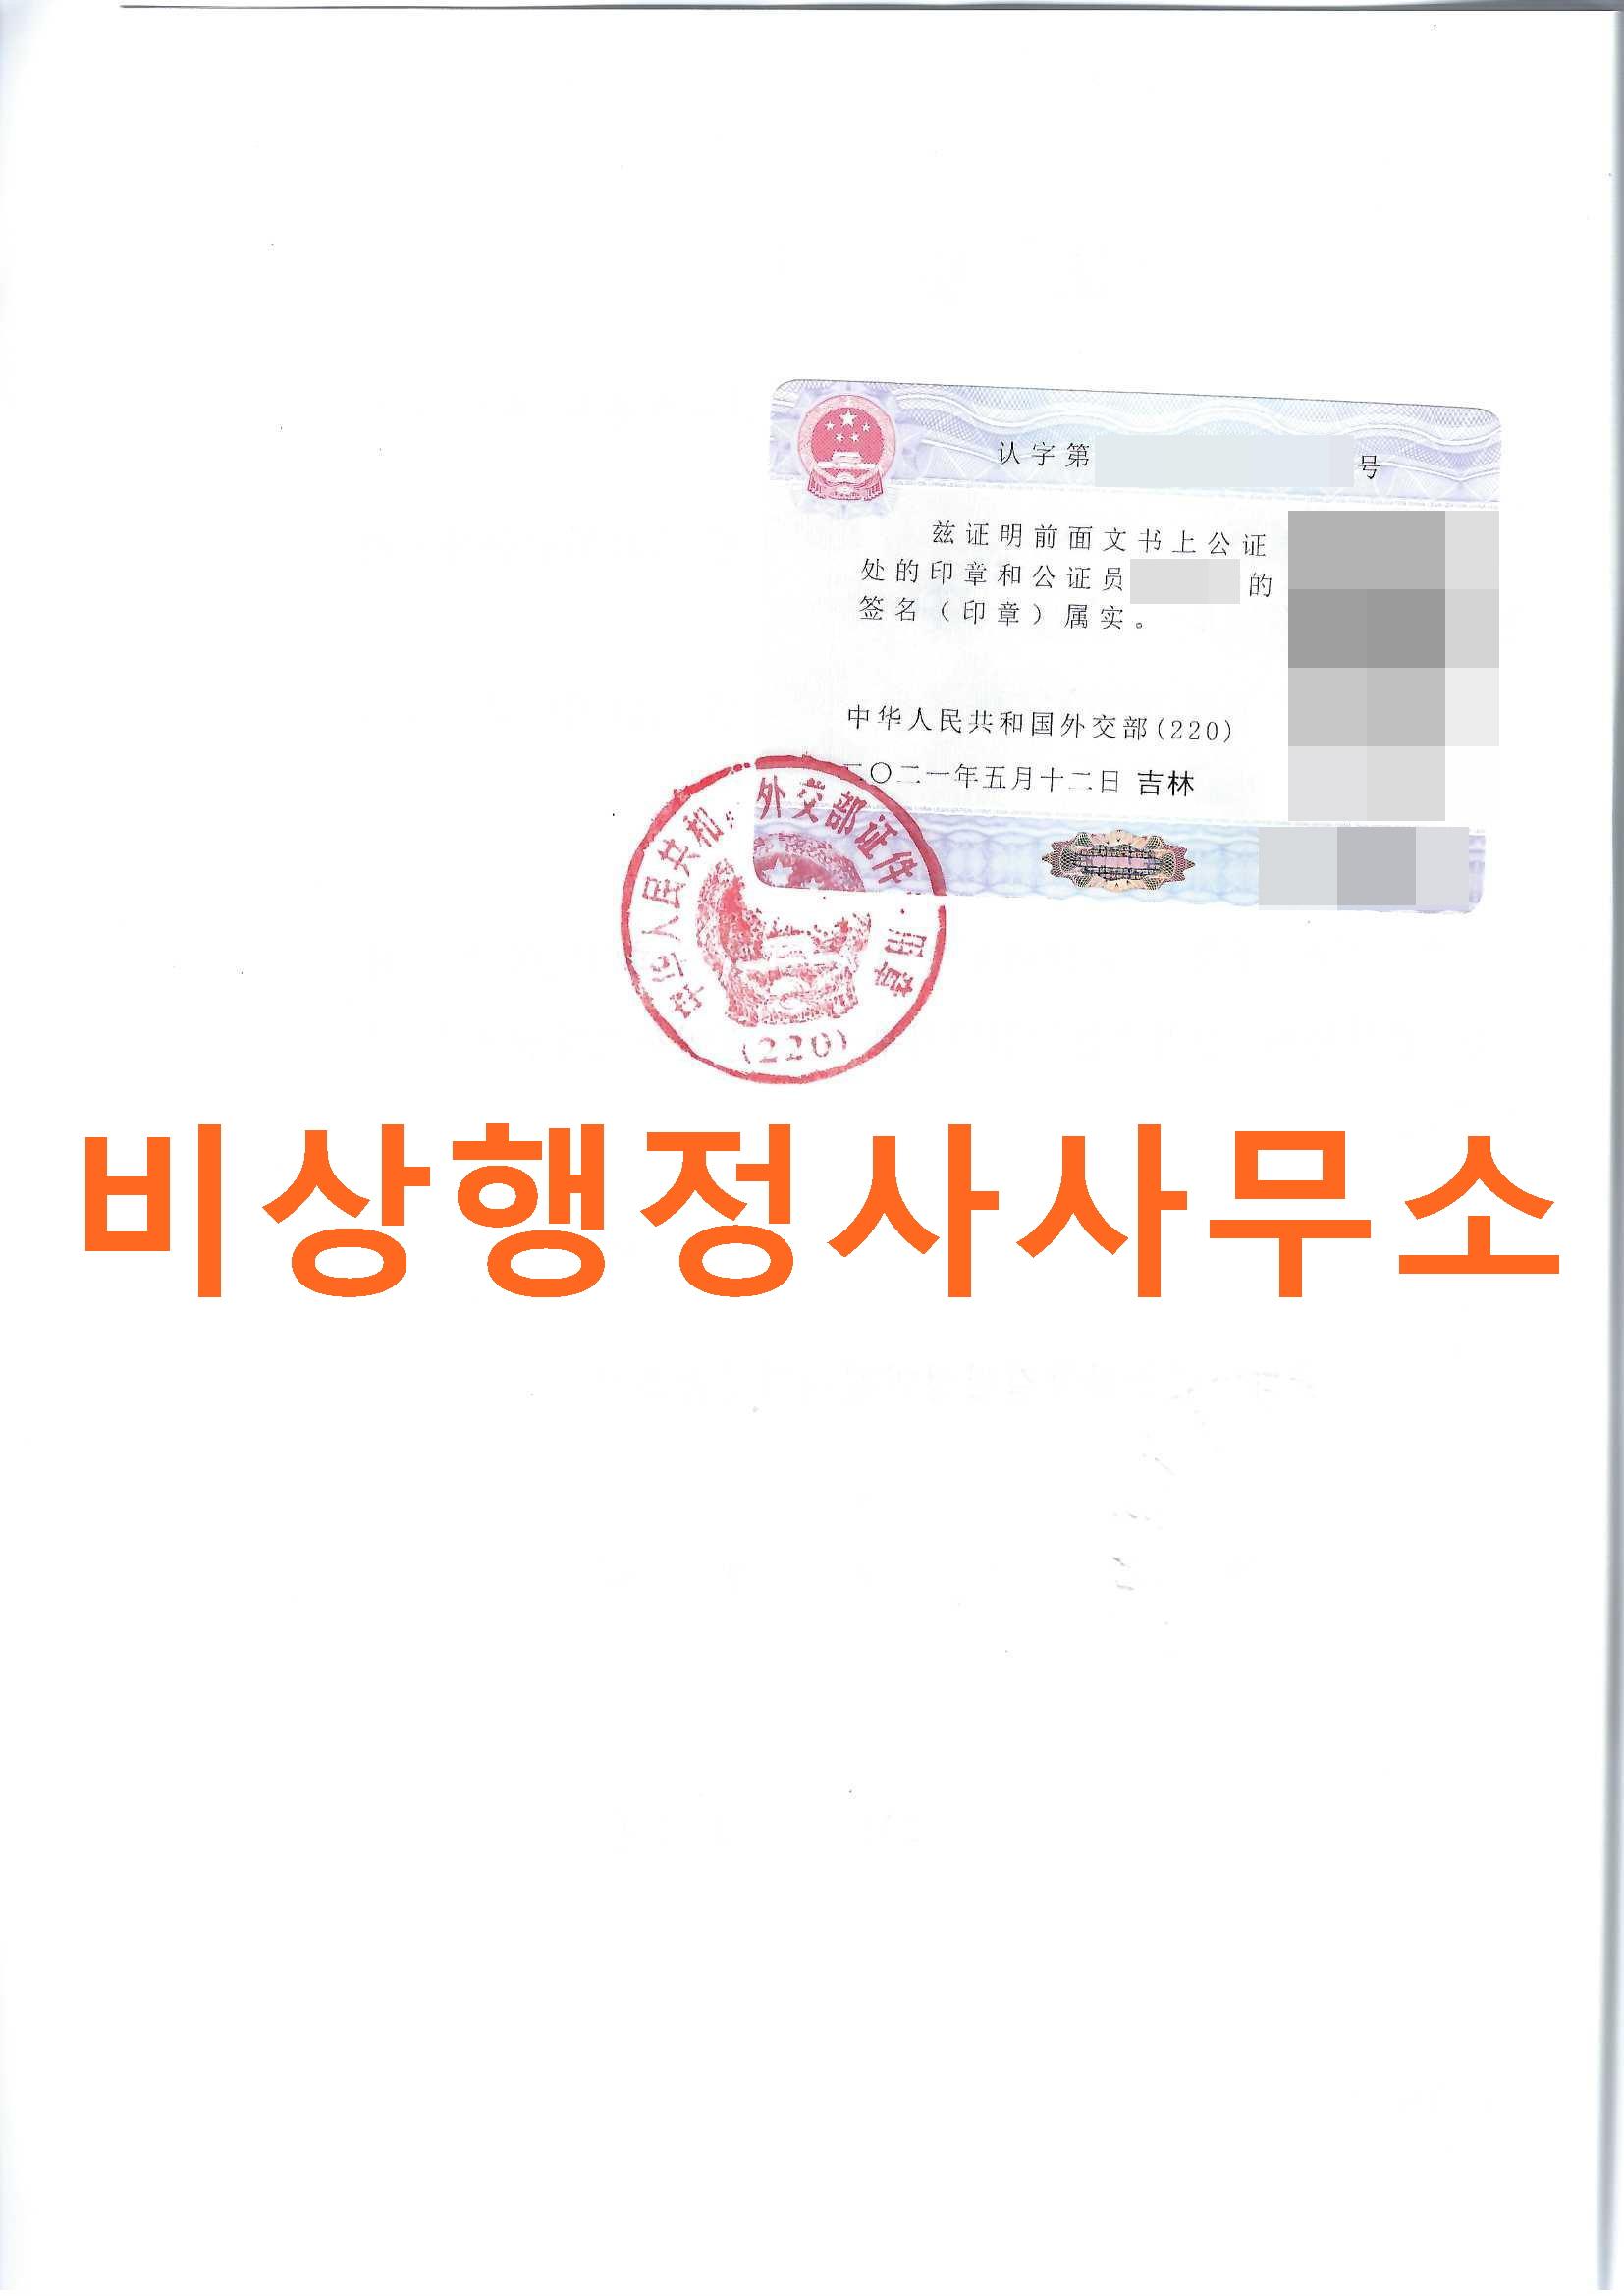 [꾸미기]부부공증서(아내분)-2.jpg